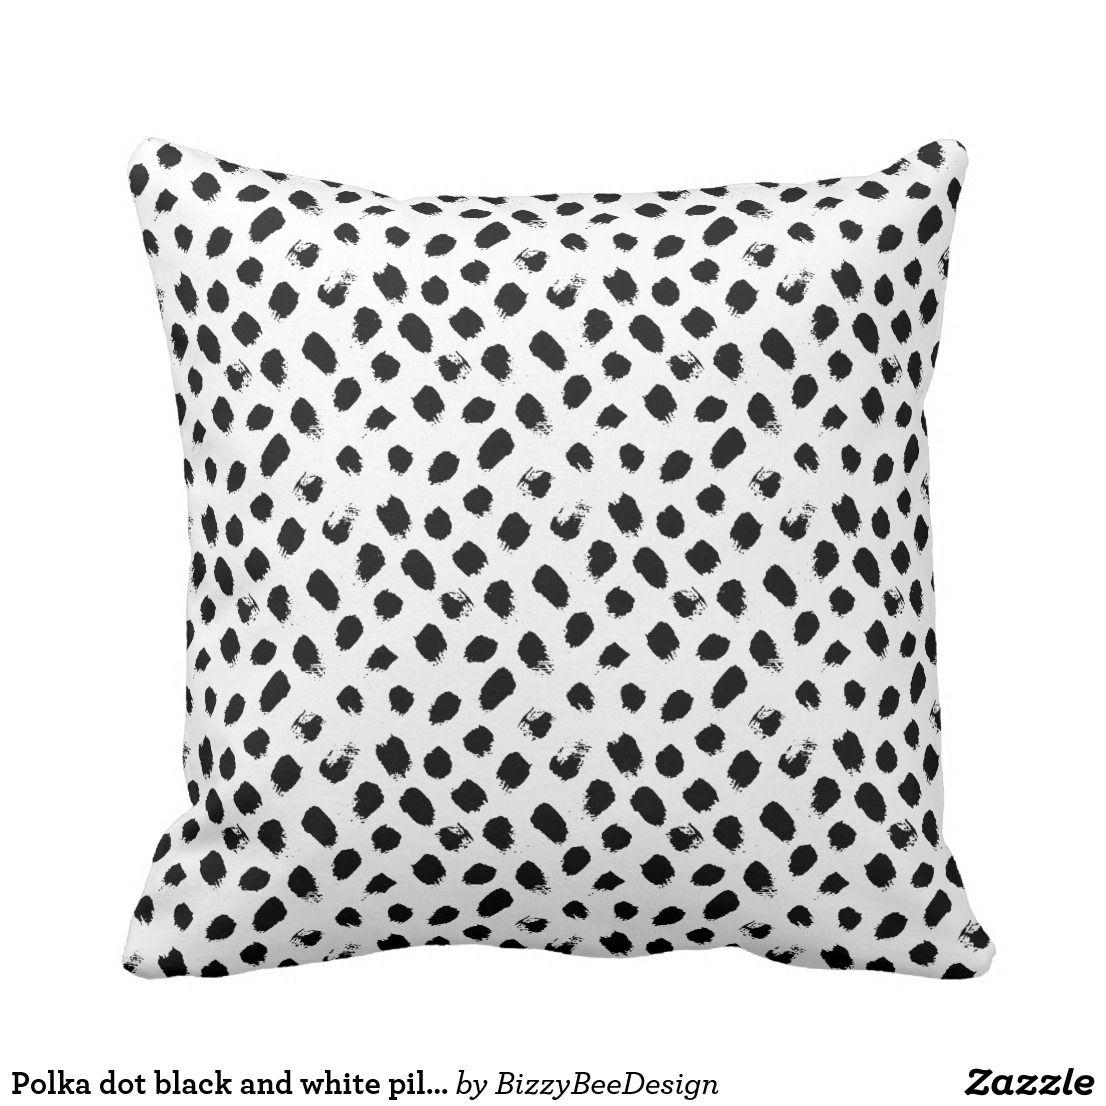 Black & White Abstract Polka Dot Pattern Throw Pillow